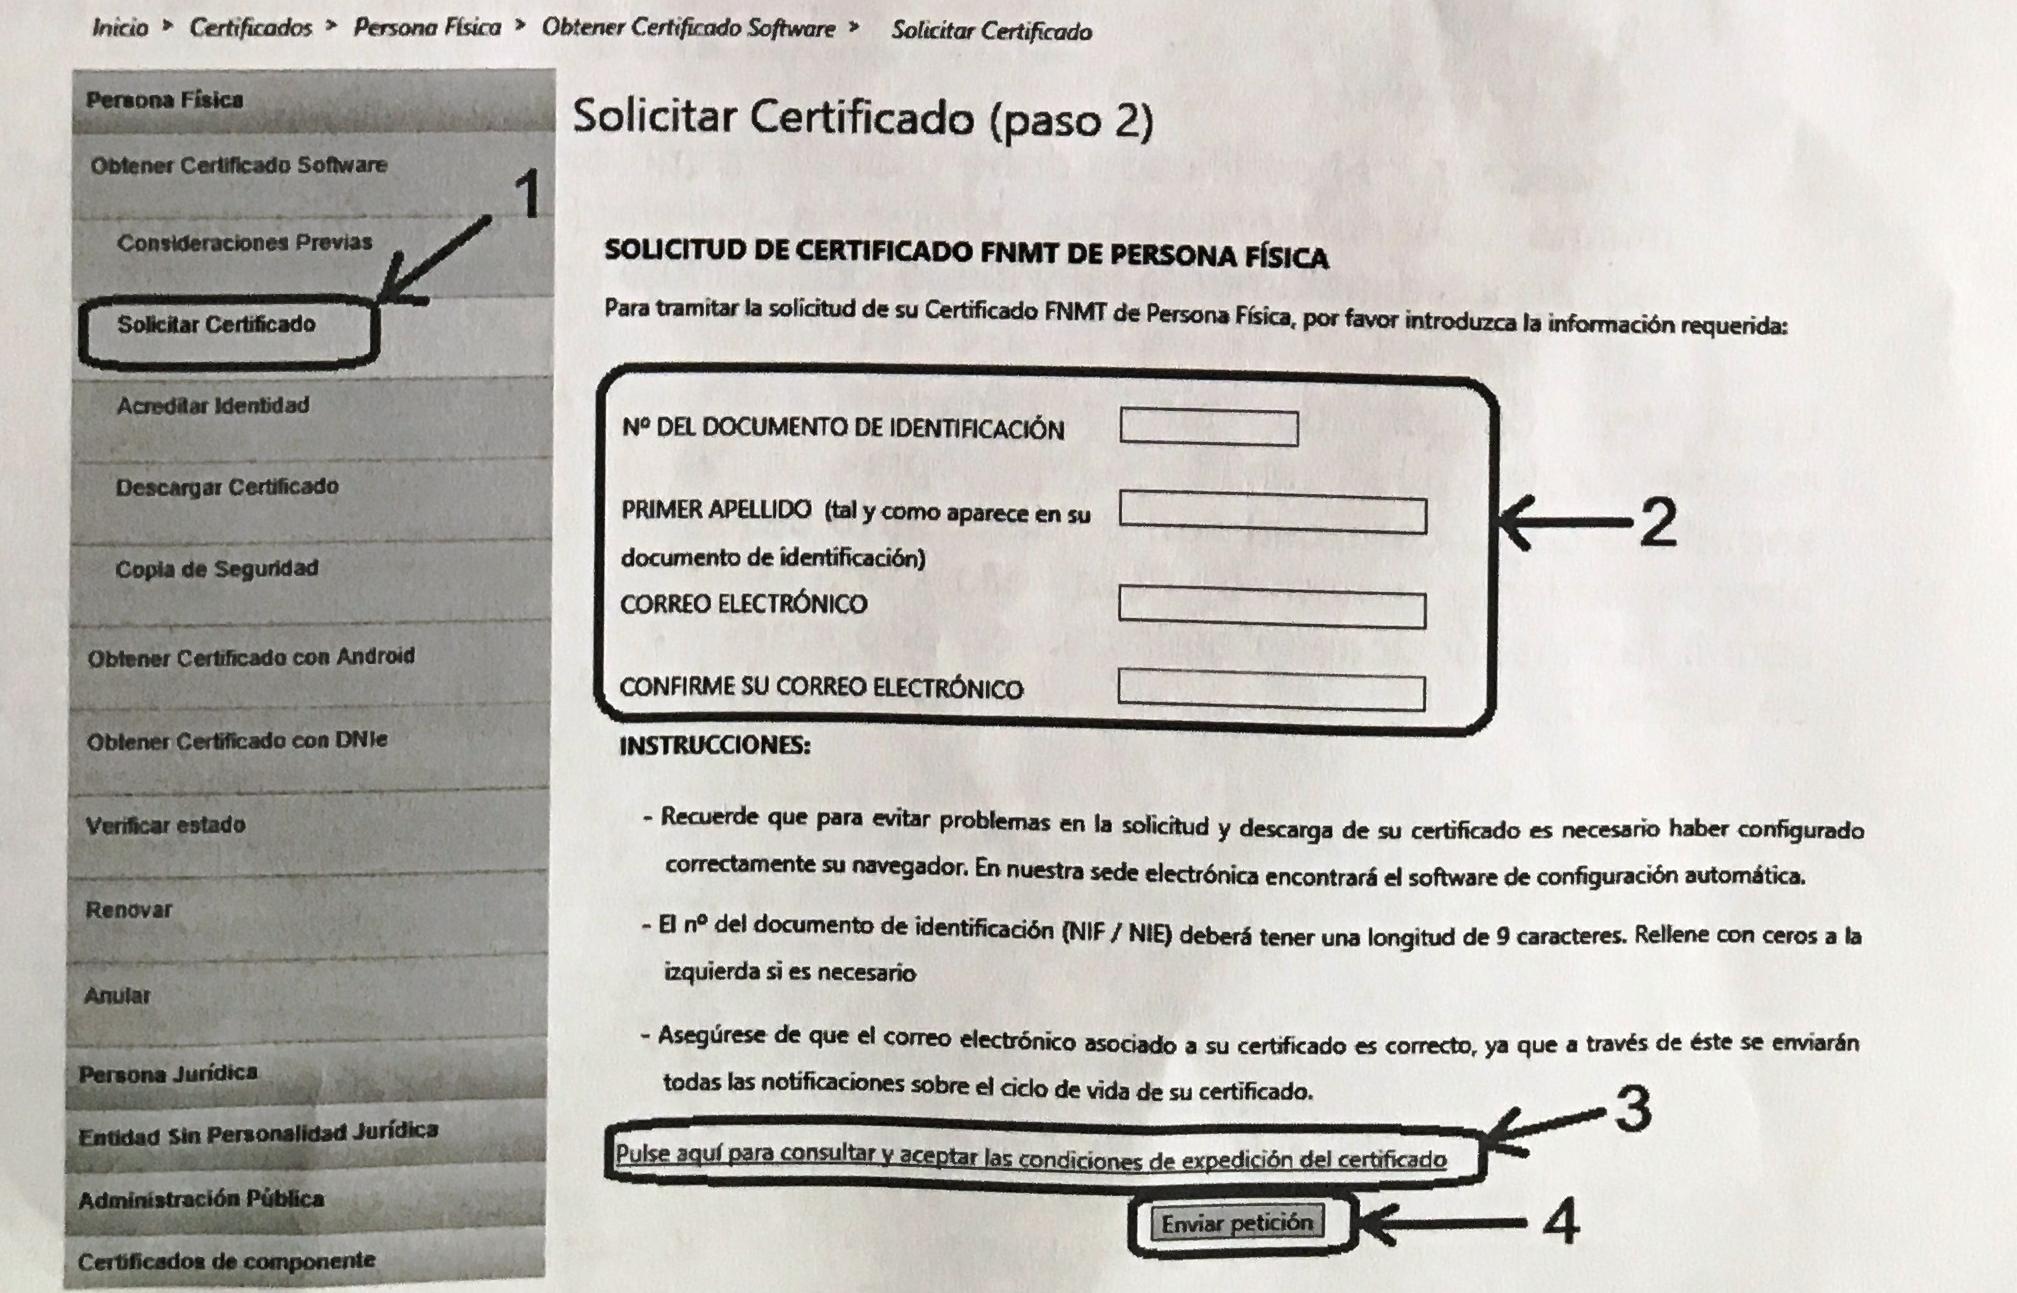 C mo obtener o solicitar certificado digital o eletr nico for Oficina certificado digital